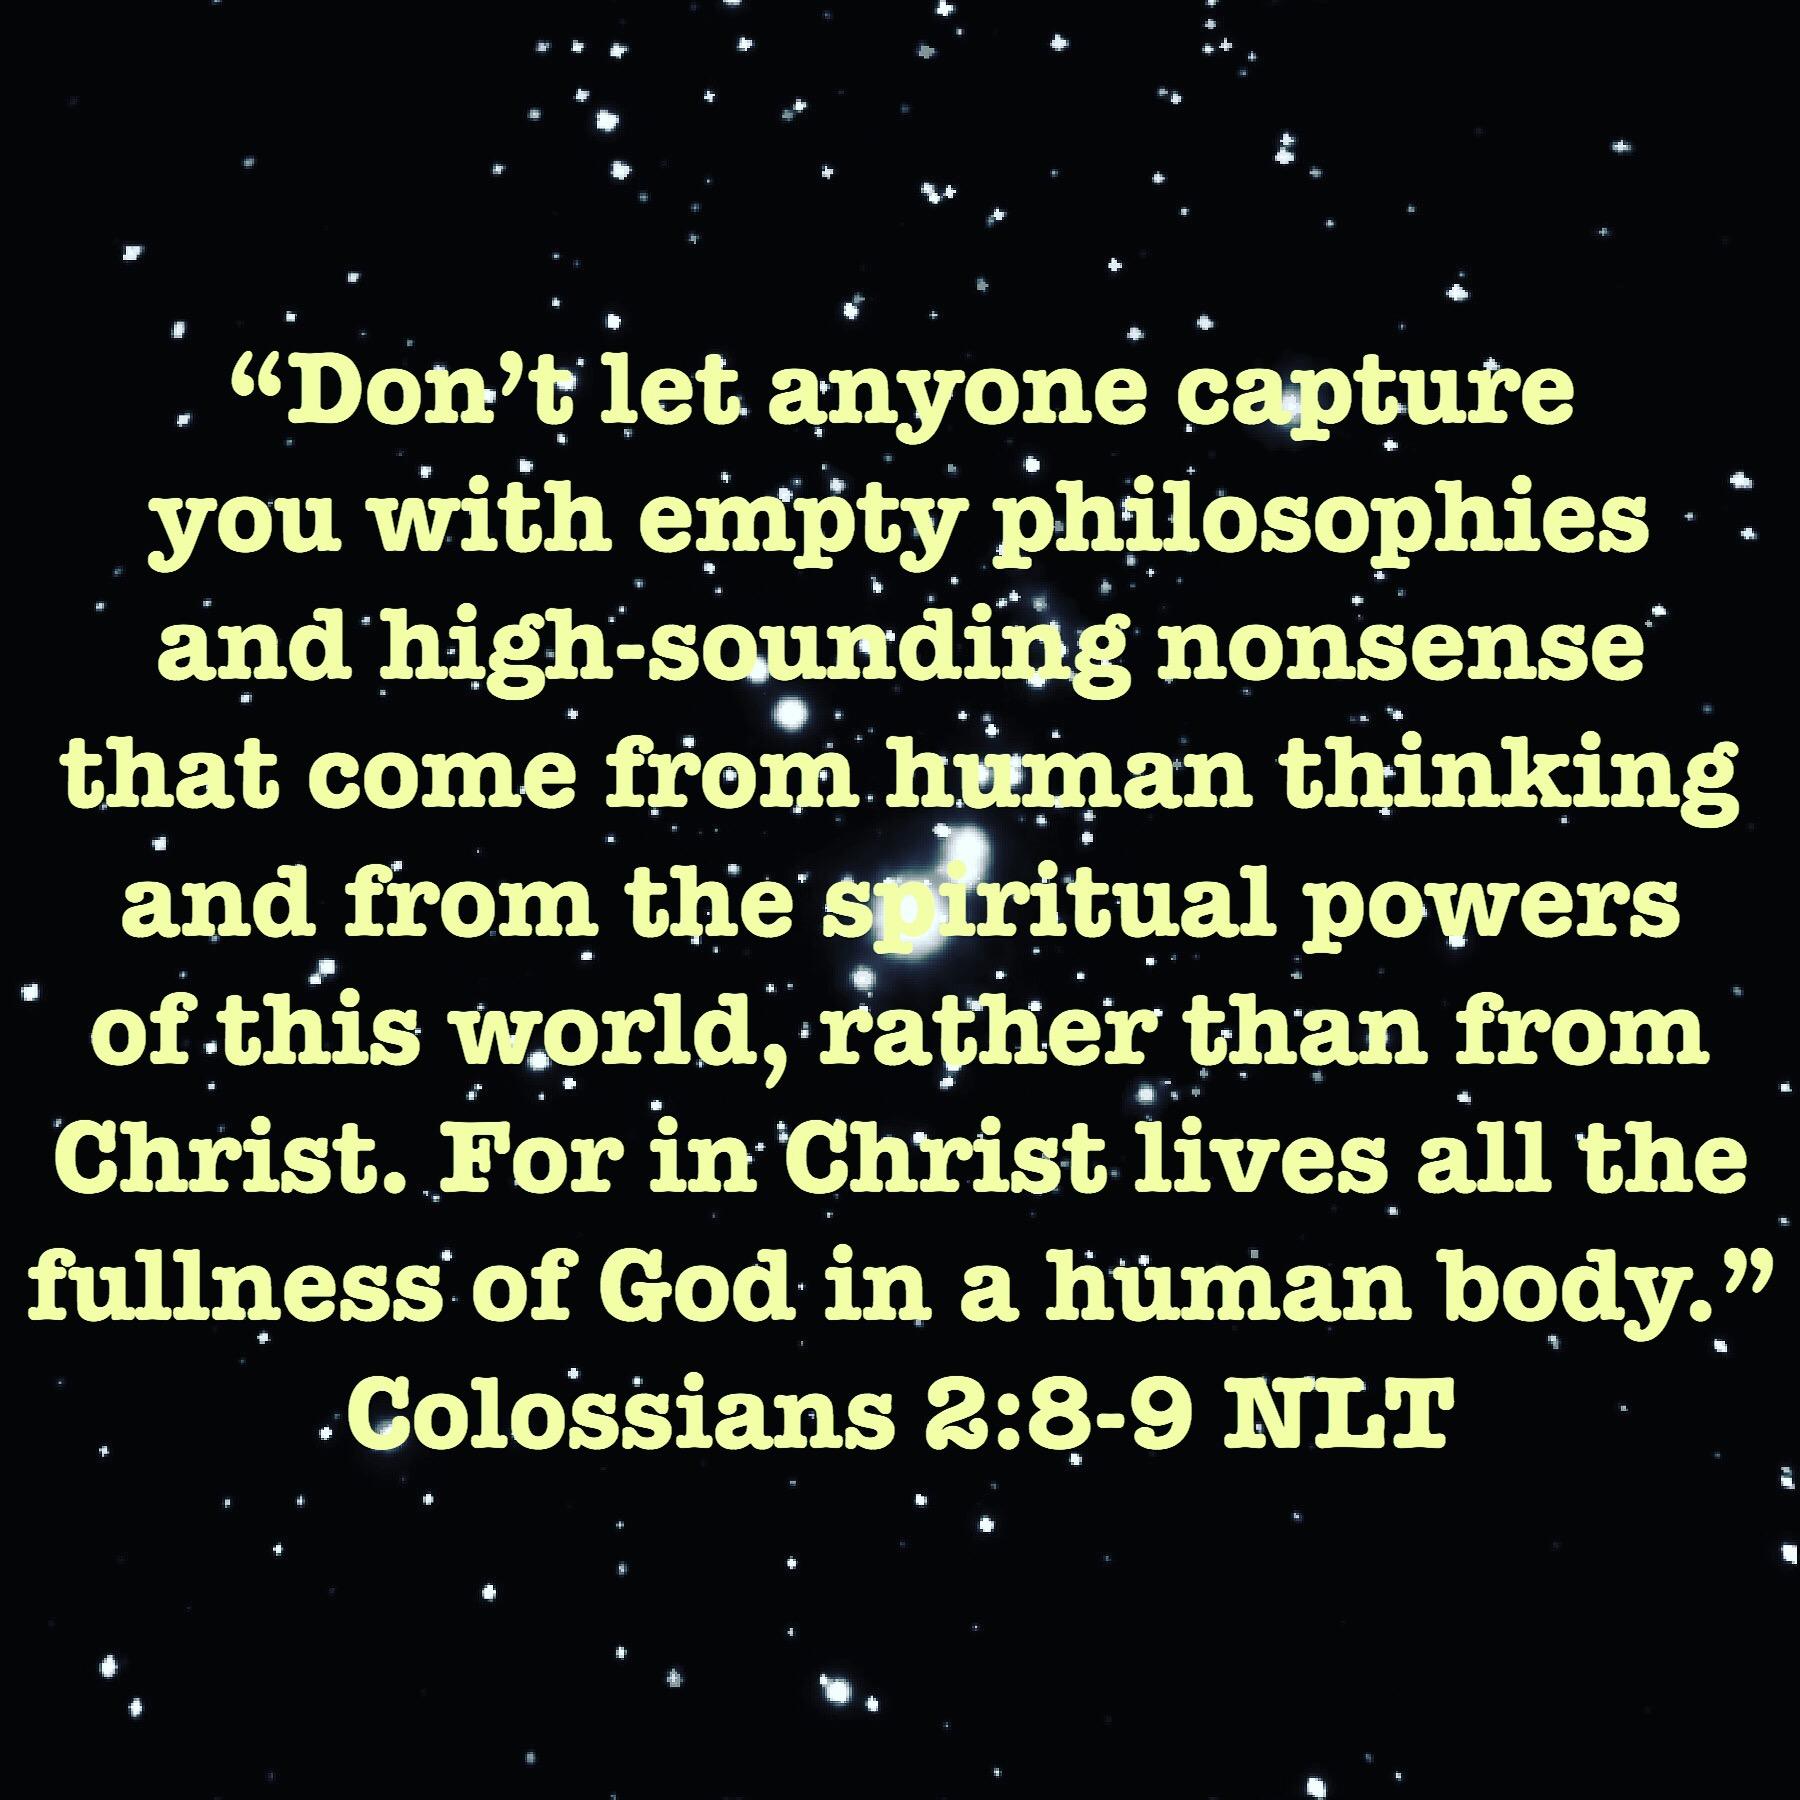 Colossians 2:8-9